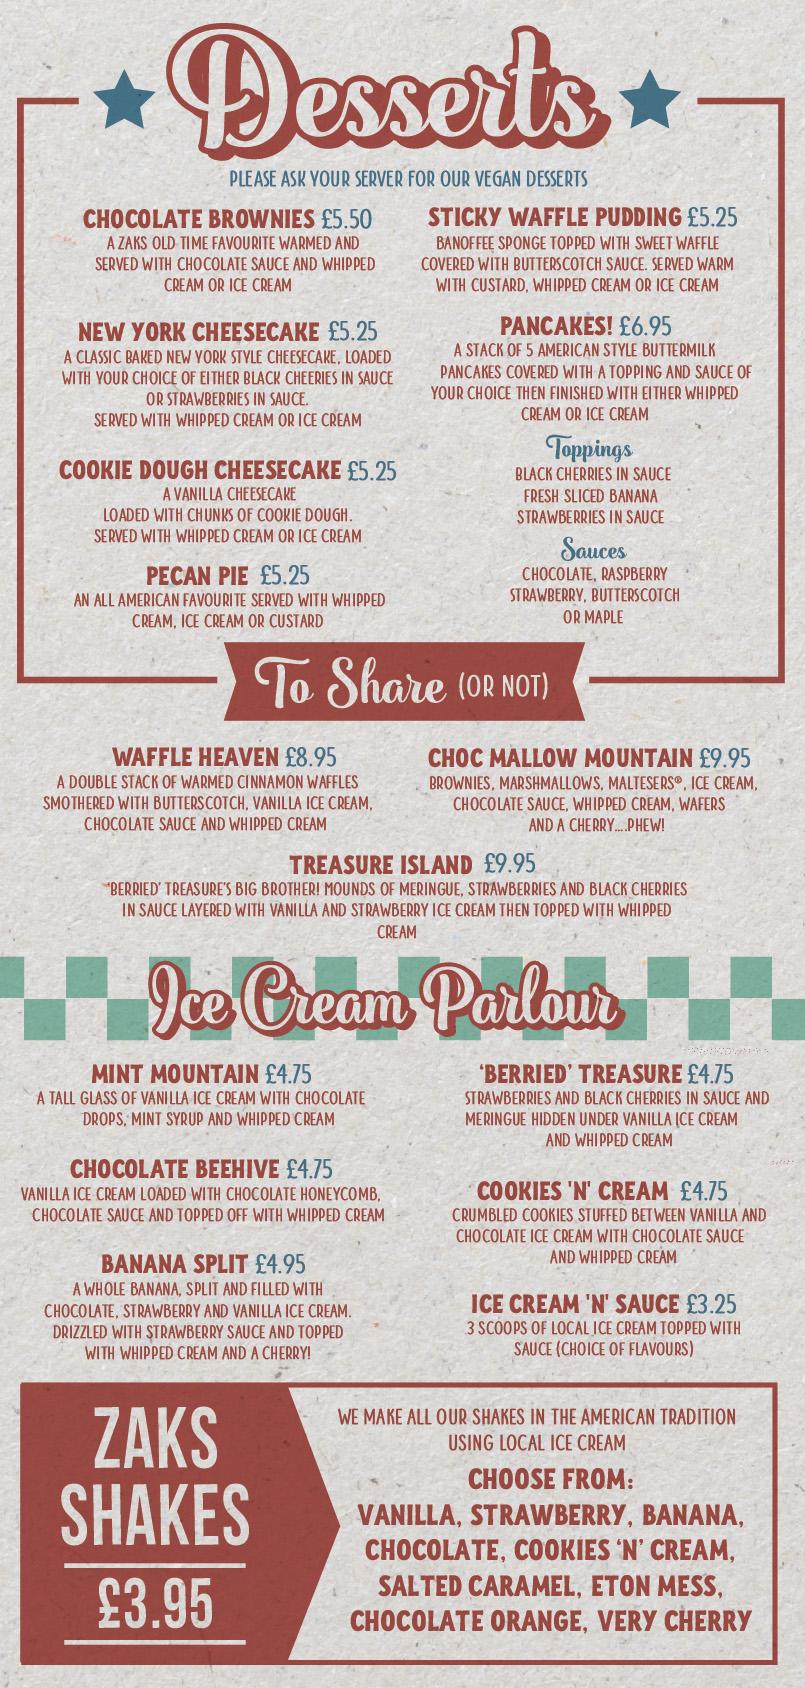 Shakes & Ice Cream Parlour